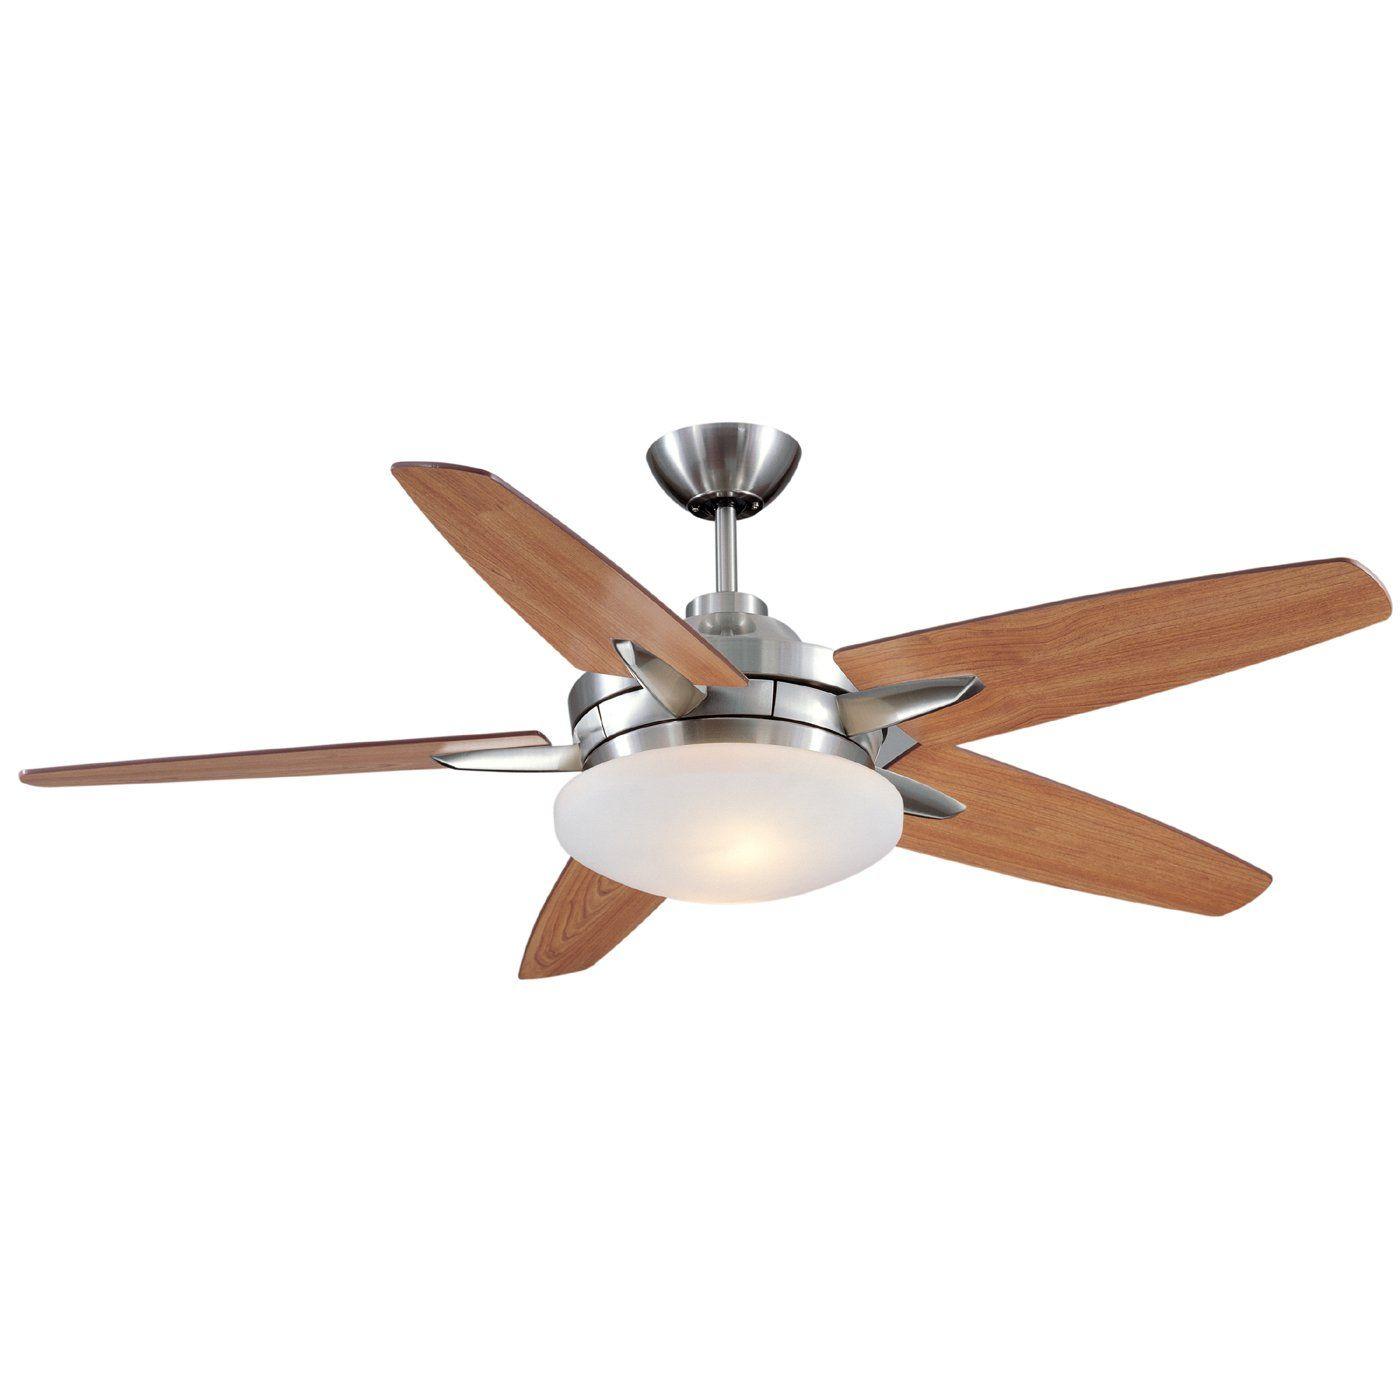 Litex E Ava52bnk5cr 2 Light Avanti Ceiling Fan